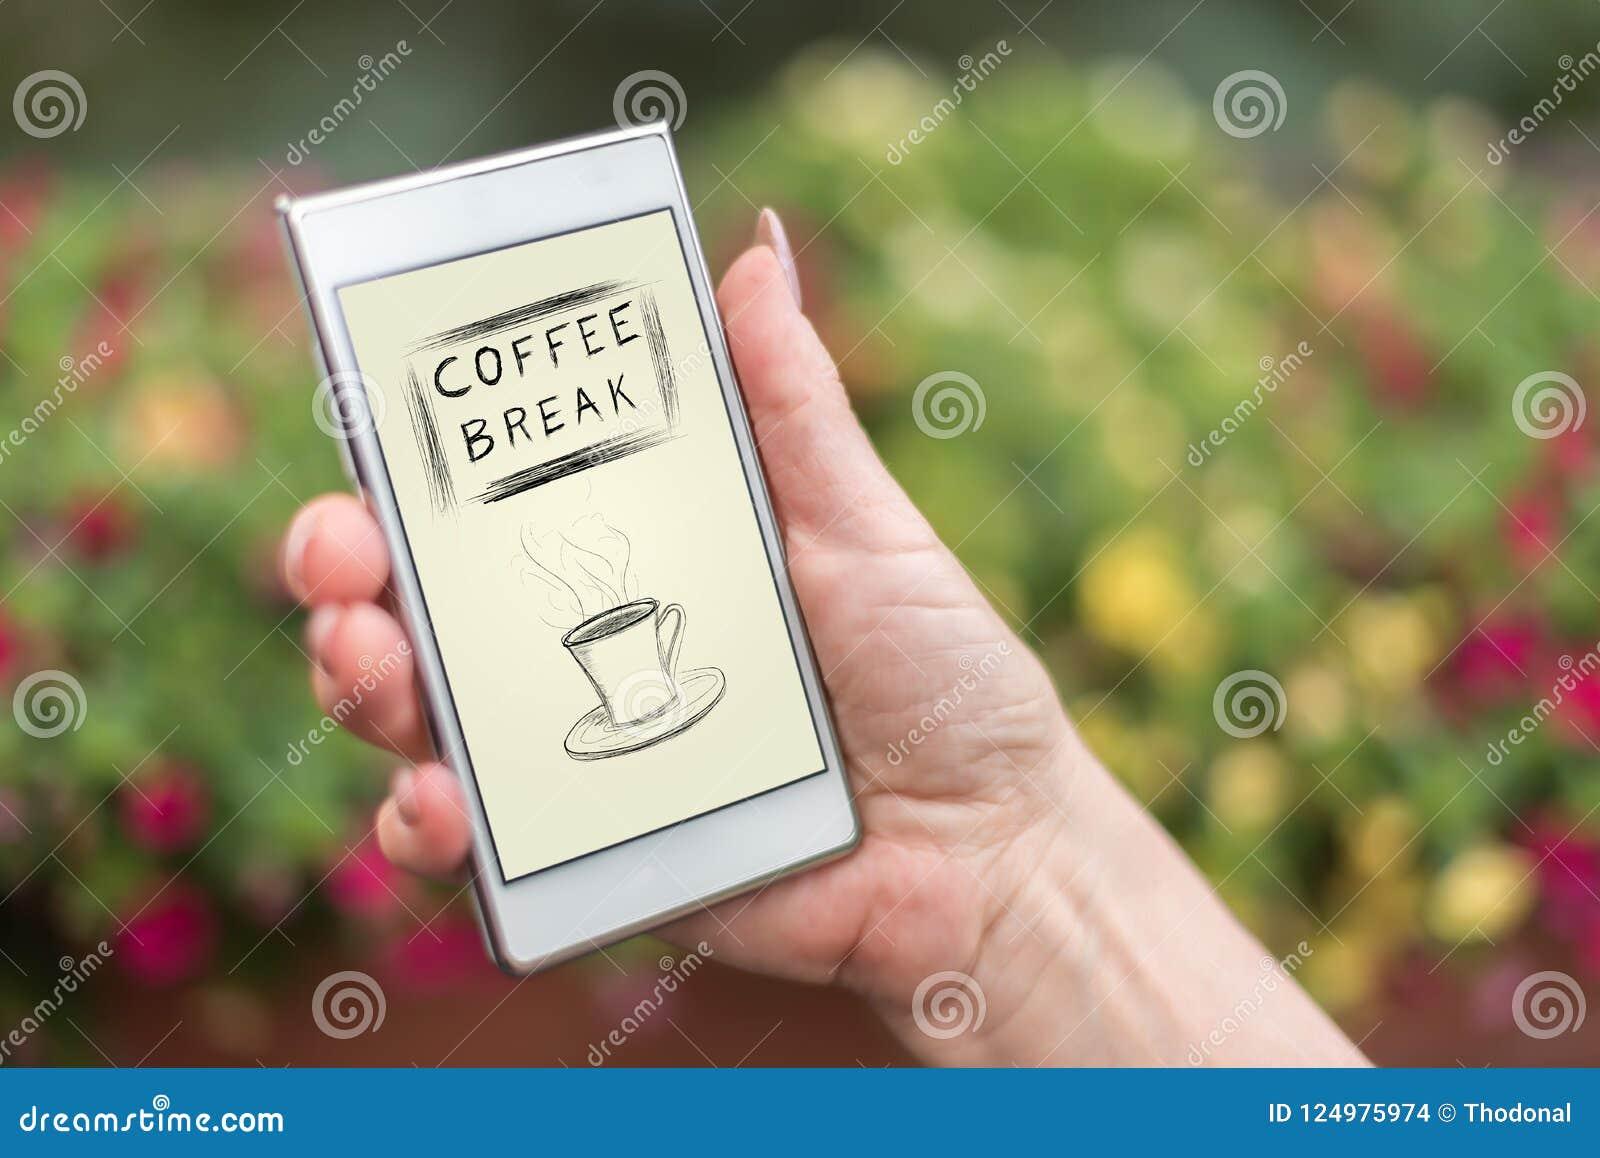 Concept de pause-café sur un smartphone